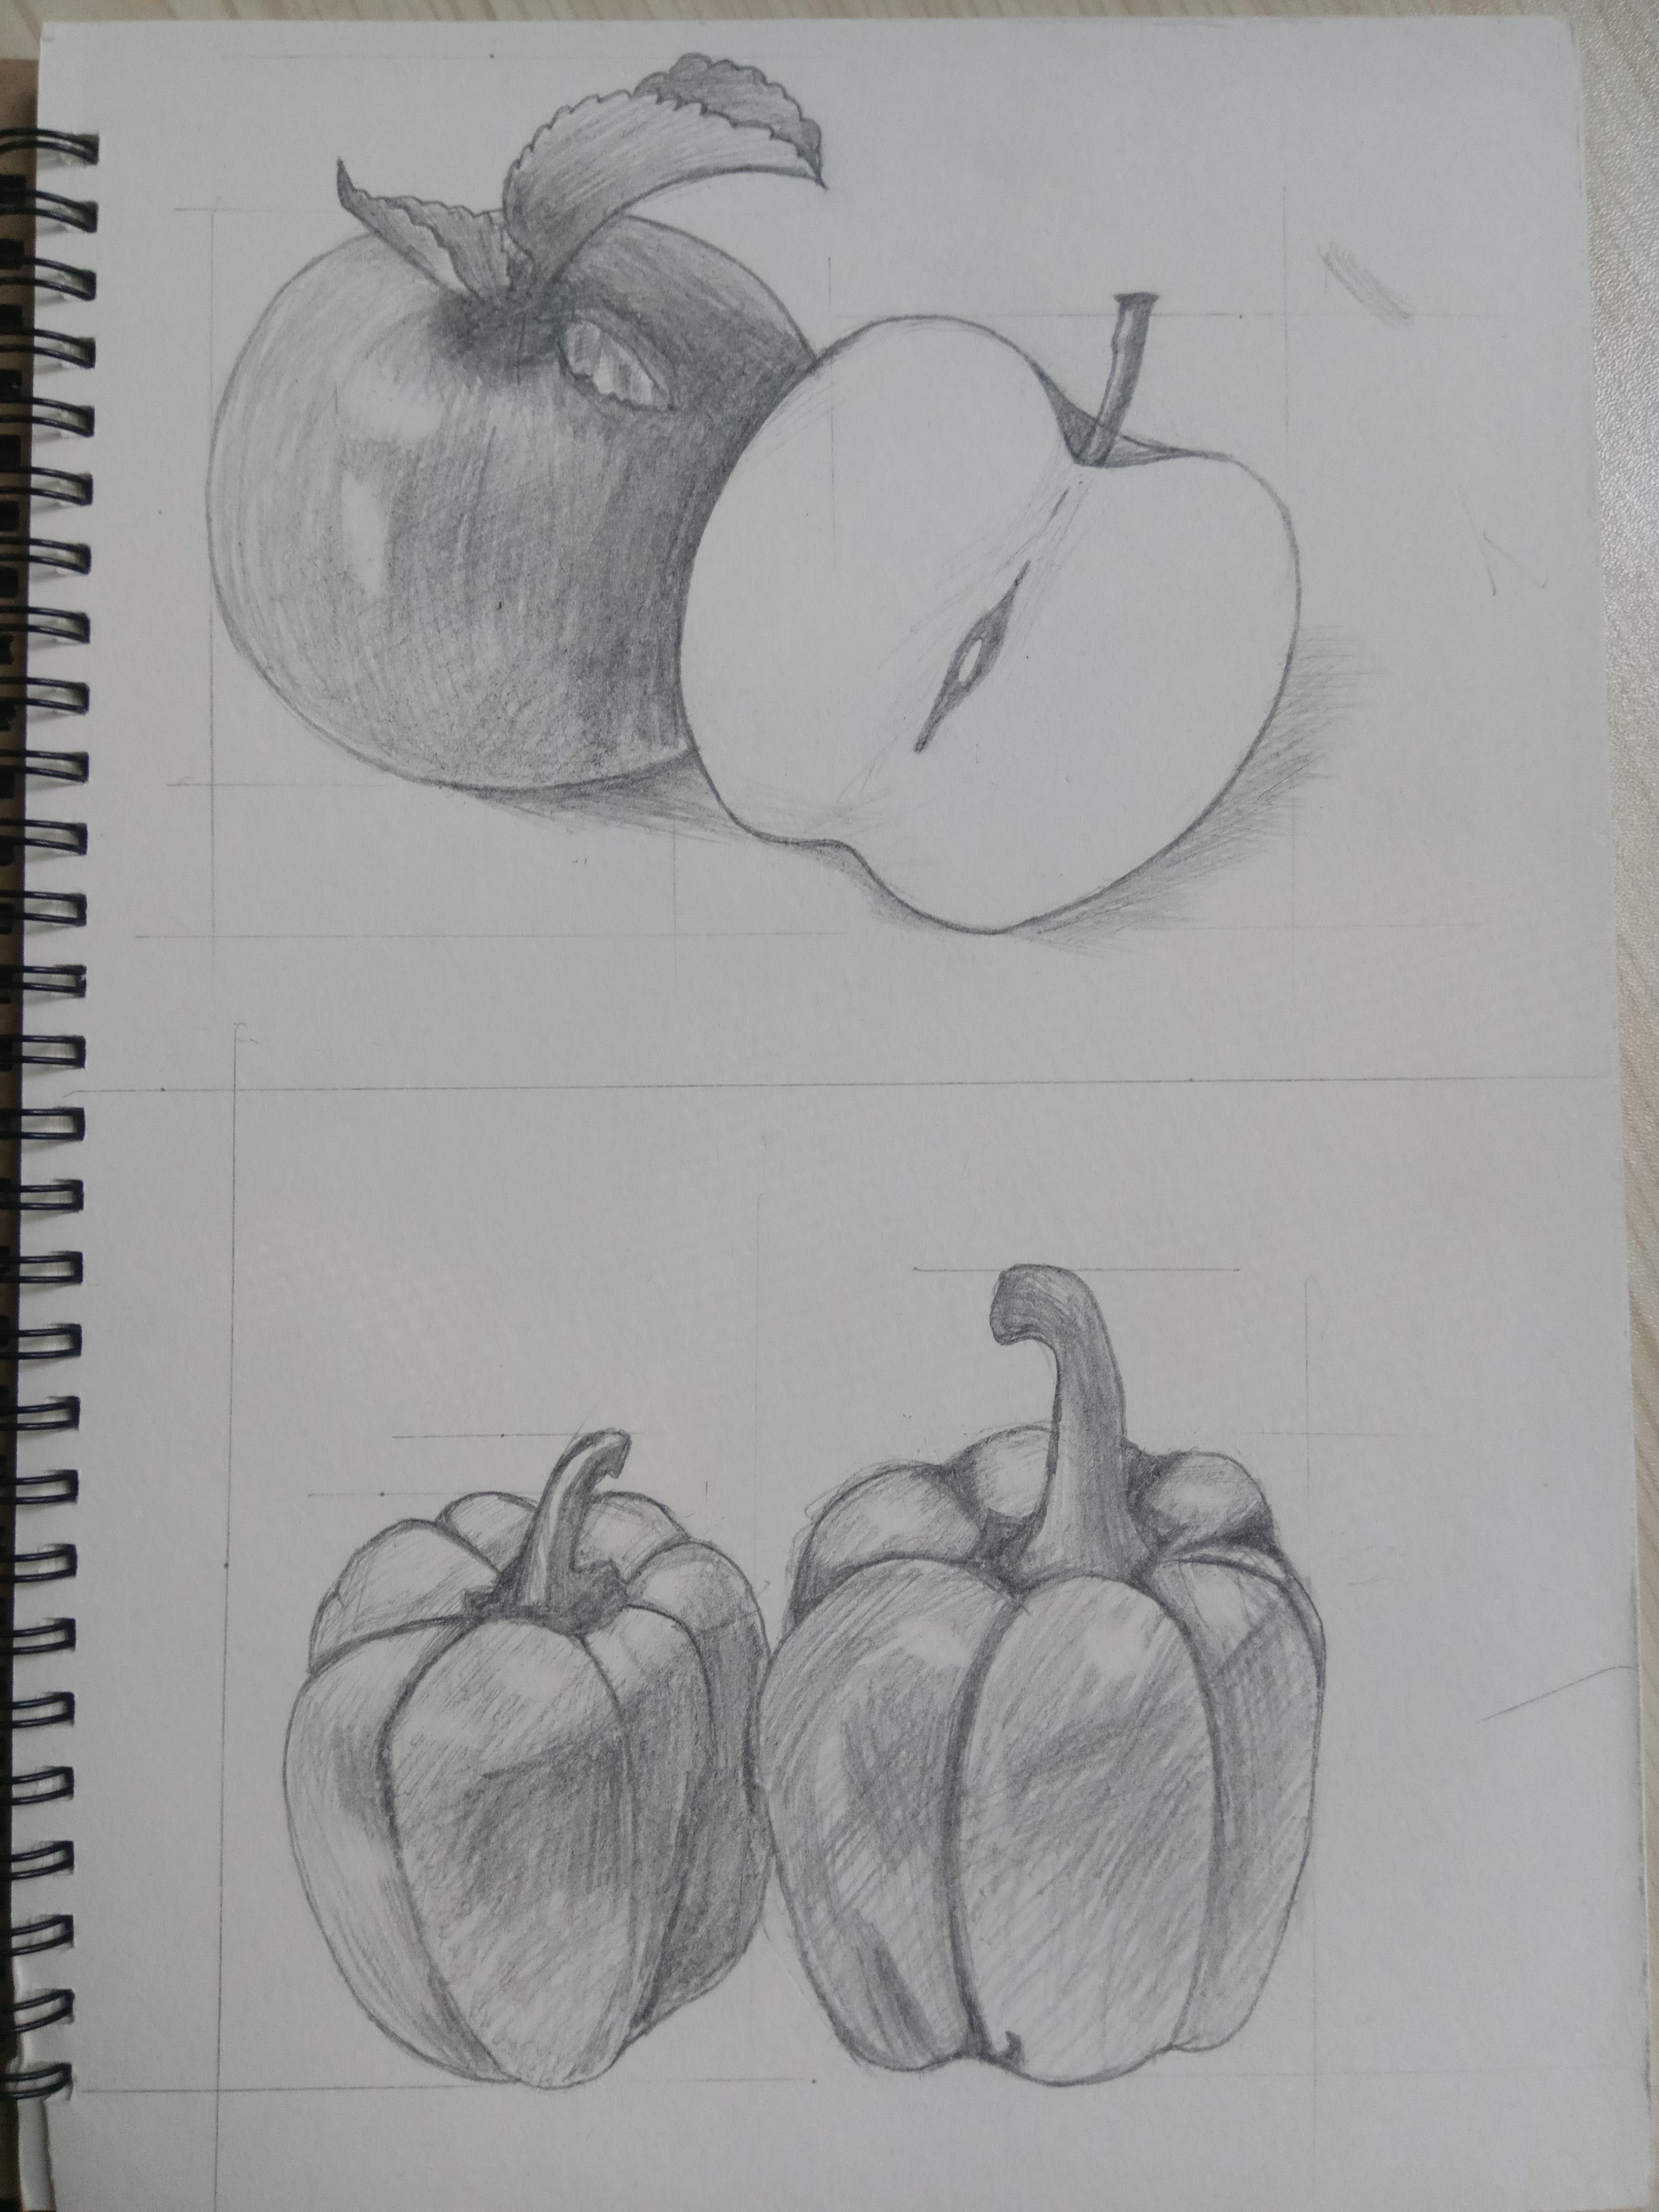 素描苹果和柿子椒图片